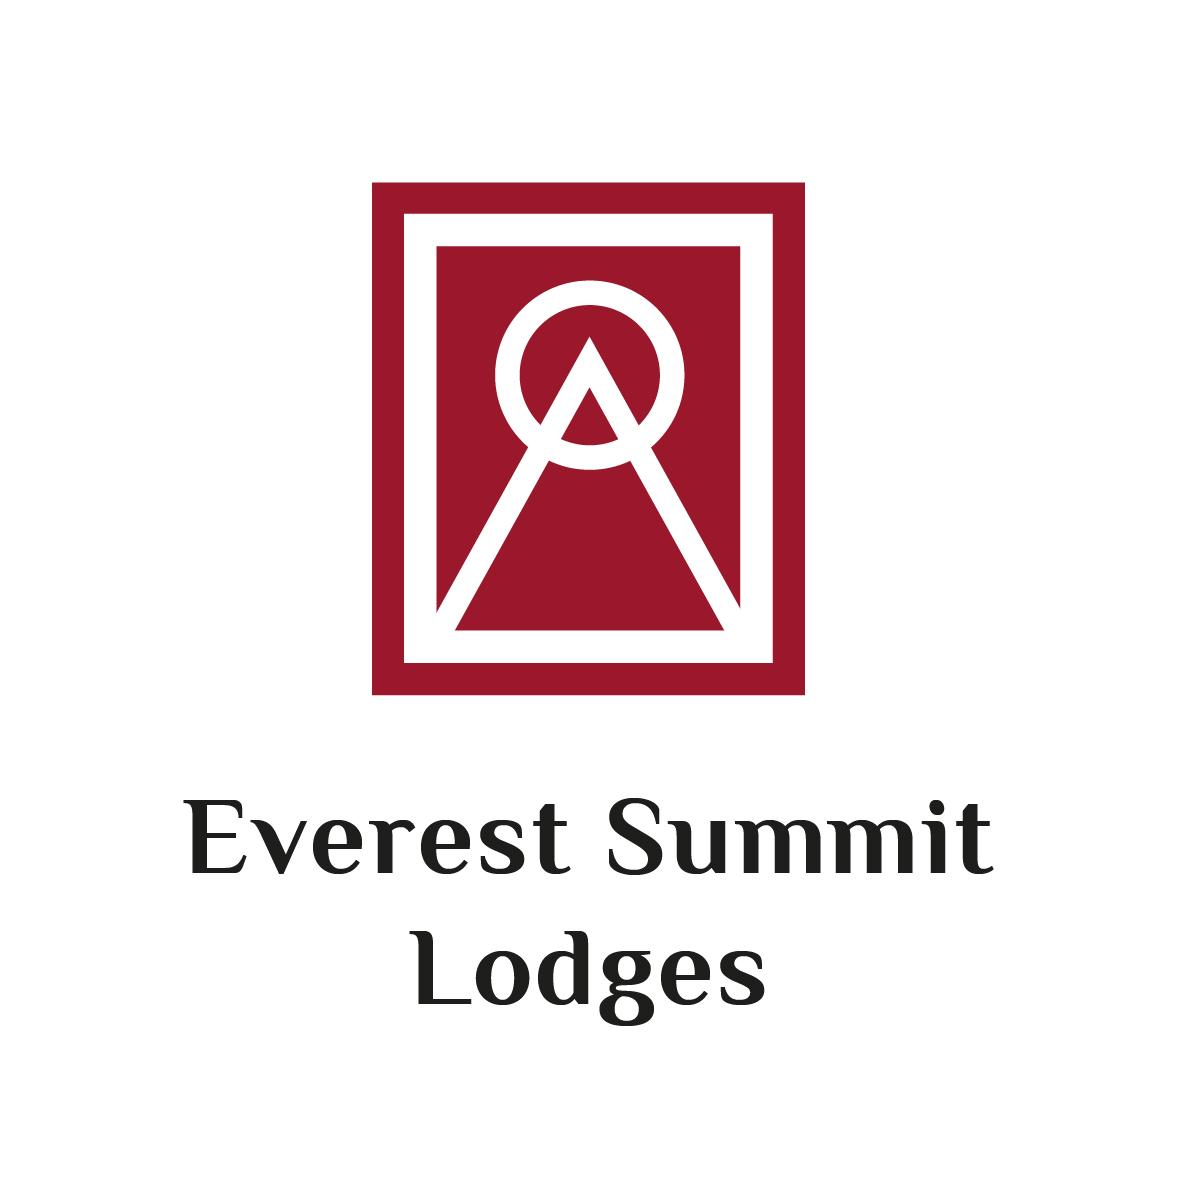 Everest Summit Lodge Pvt. Ltd